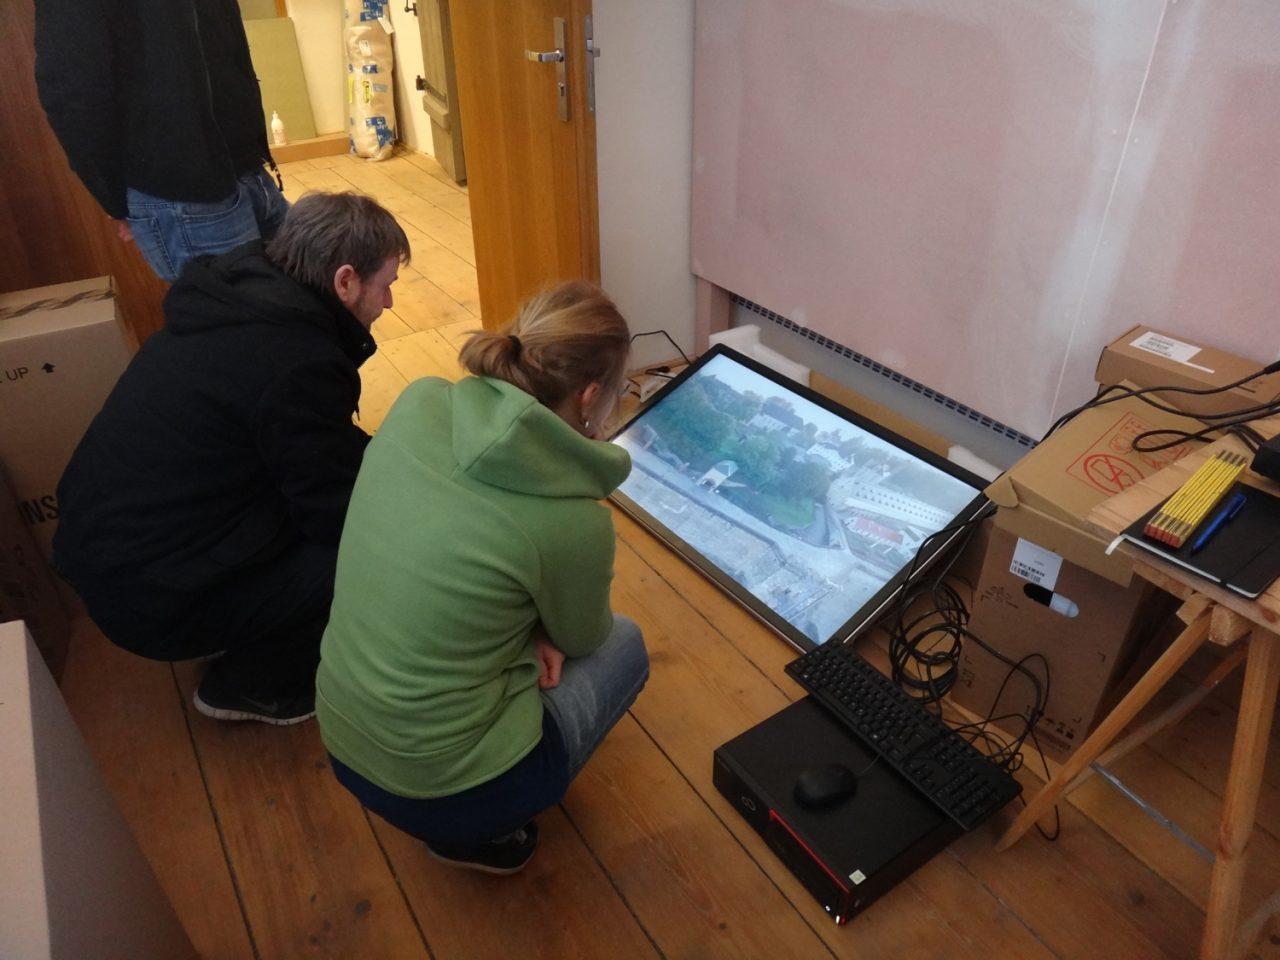 Museologen schauen das neue Video am Bildschirm an